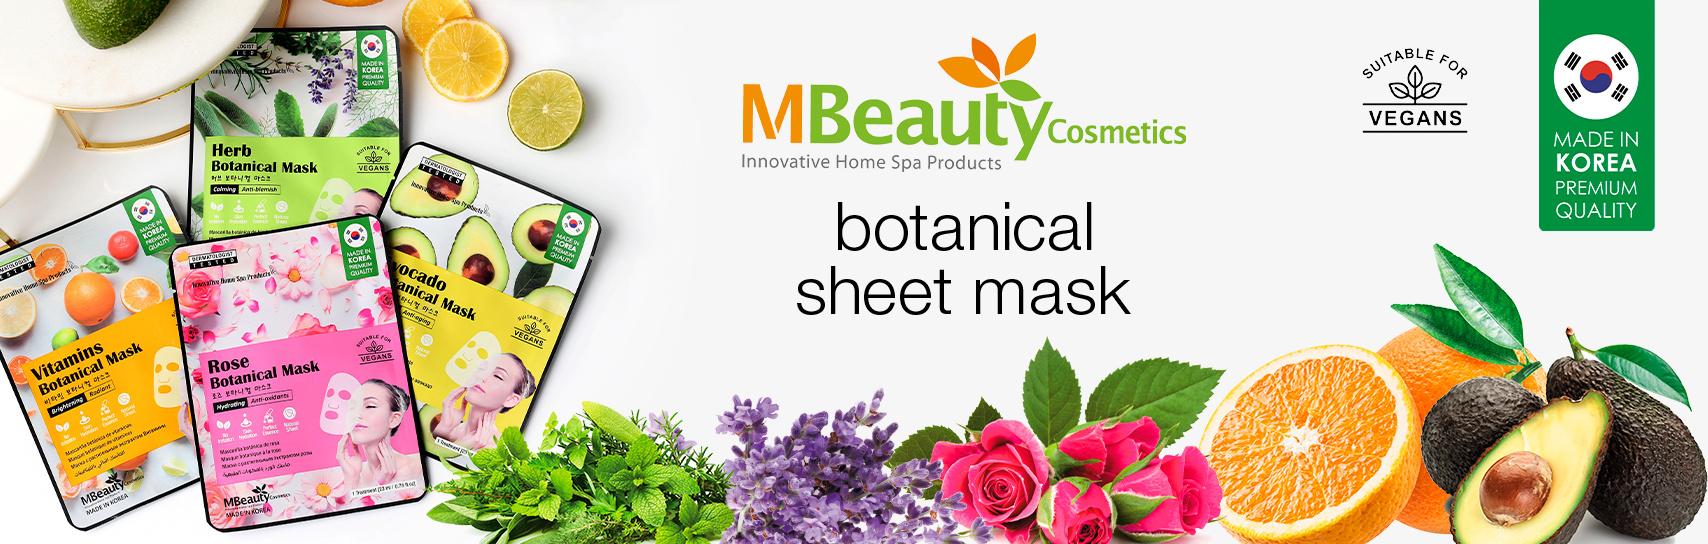 [MBeauty - botanical masks - products]